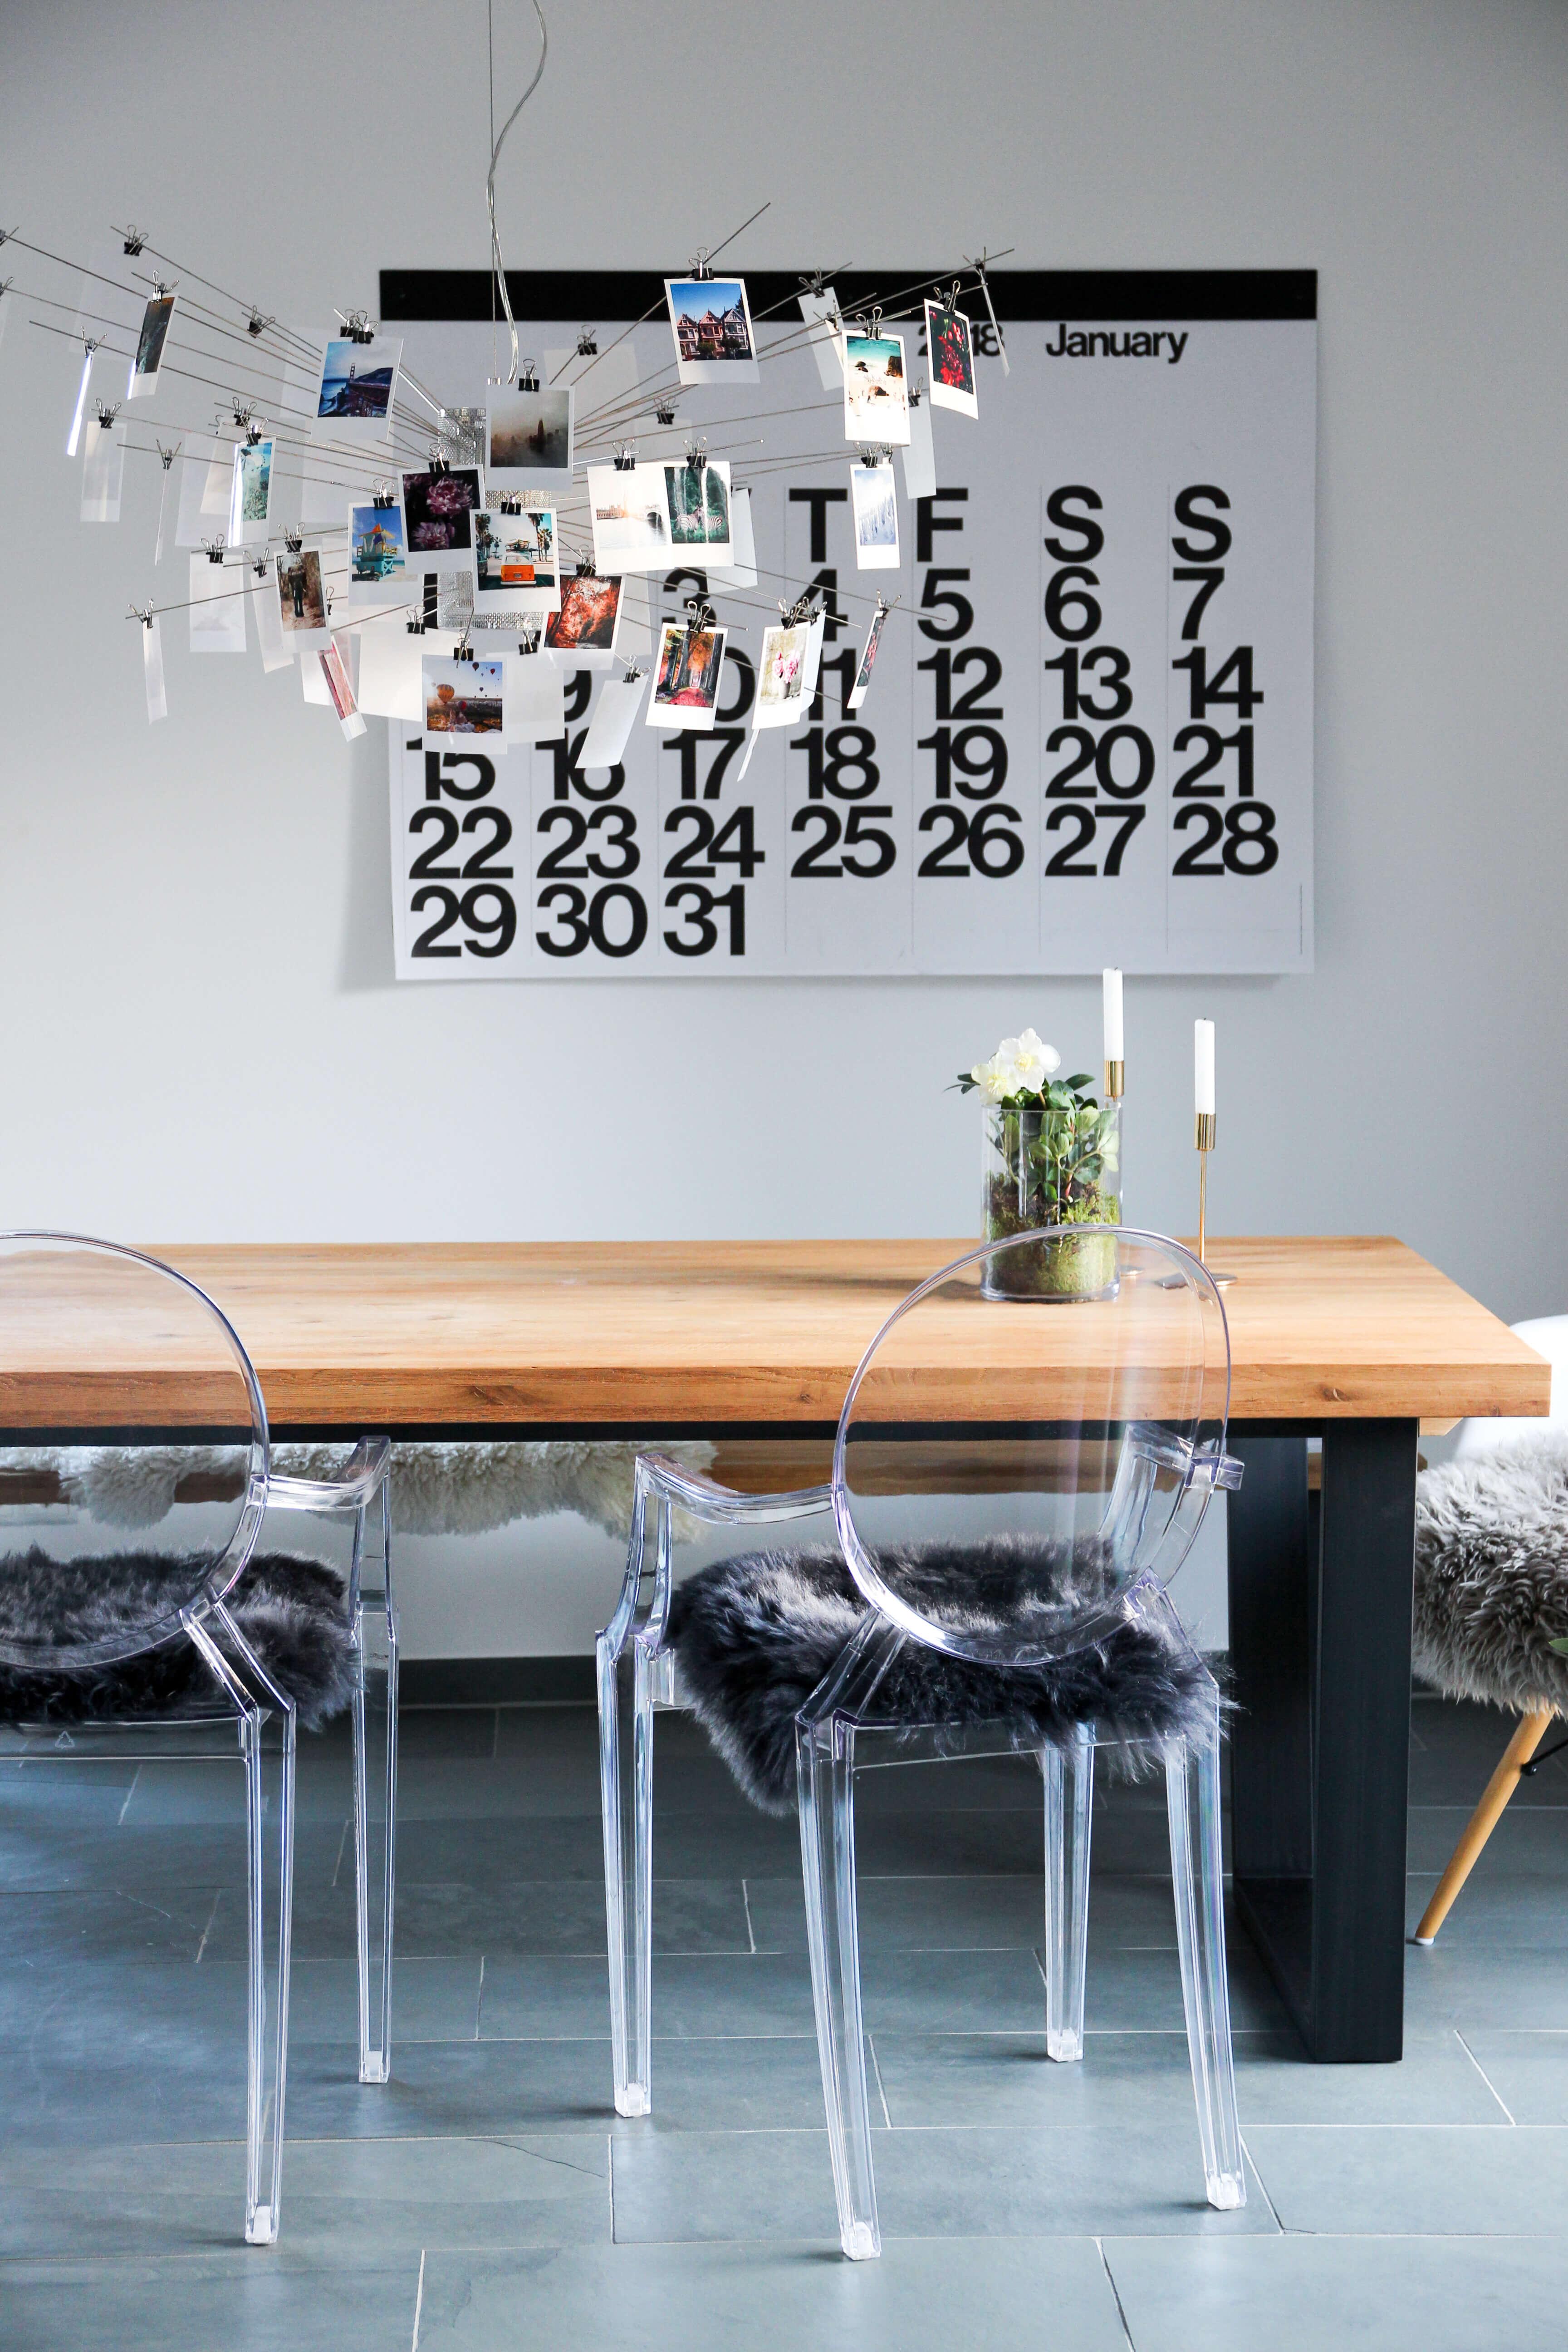 Wohnbereich Umgestaltung Zettelz Ingo Maurer Stendig Calendar Cheerz Ghost Kartell tantedine